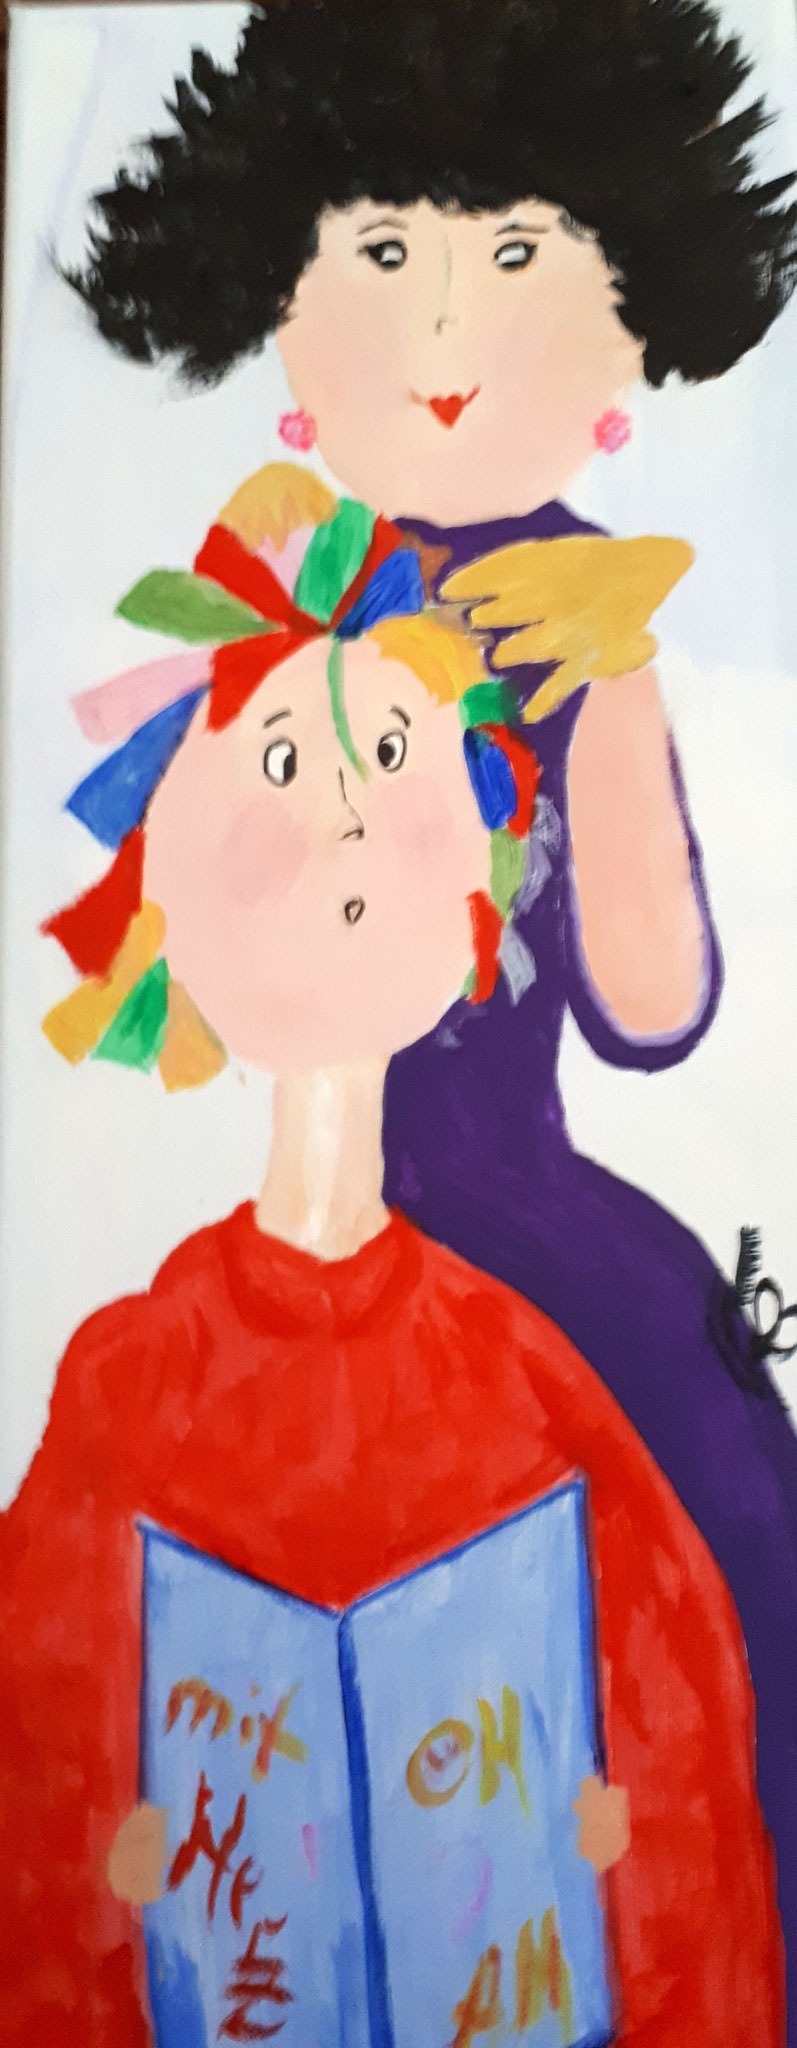 Endlich zum Friseur, 20 cm x 50 cm, Acryl auf Leinwand